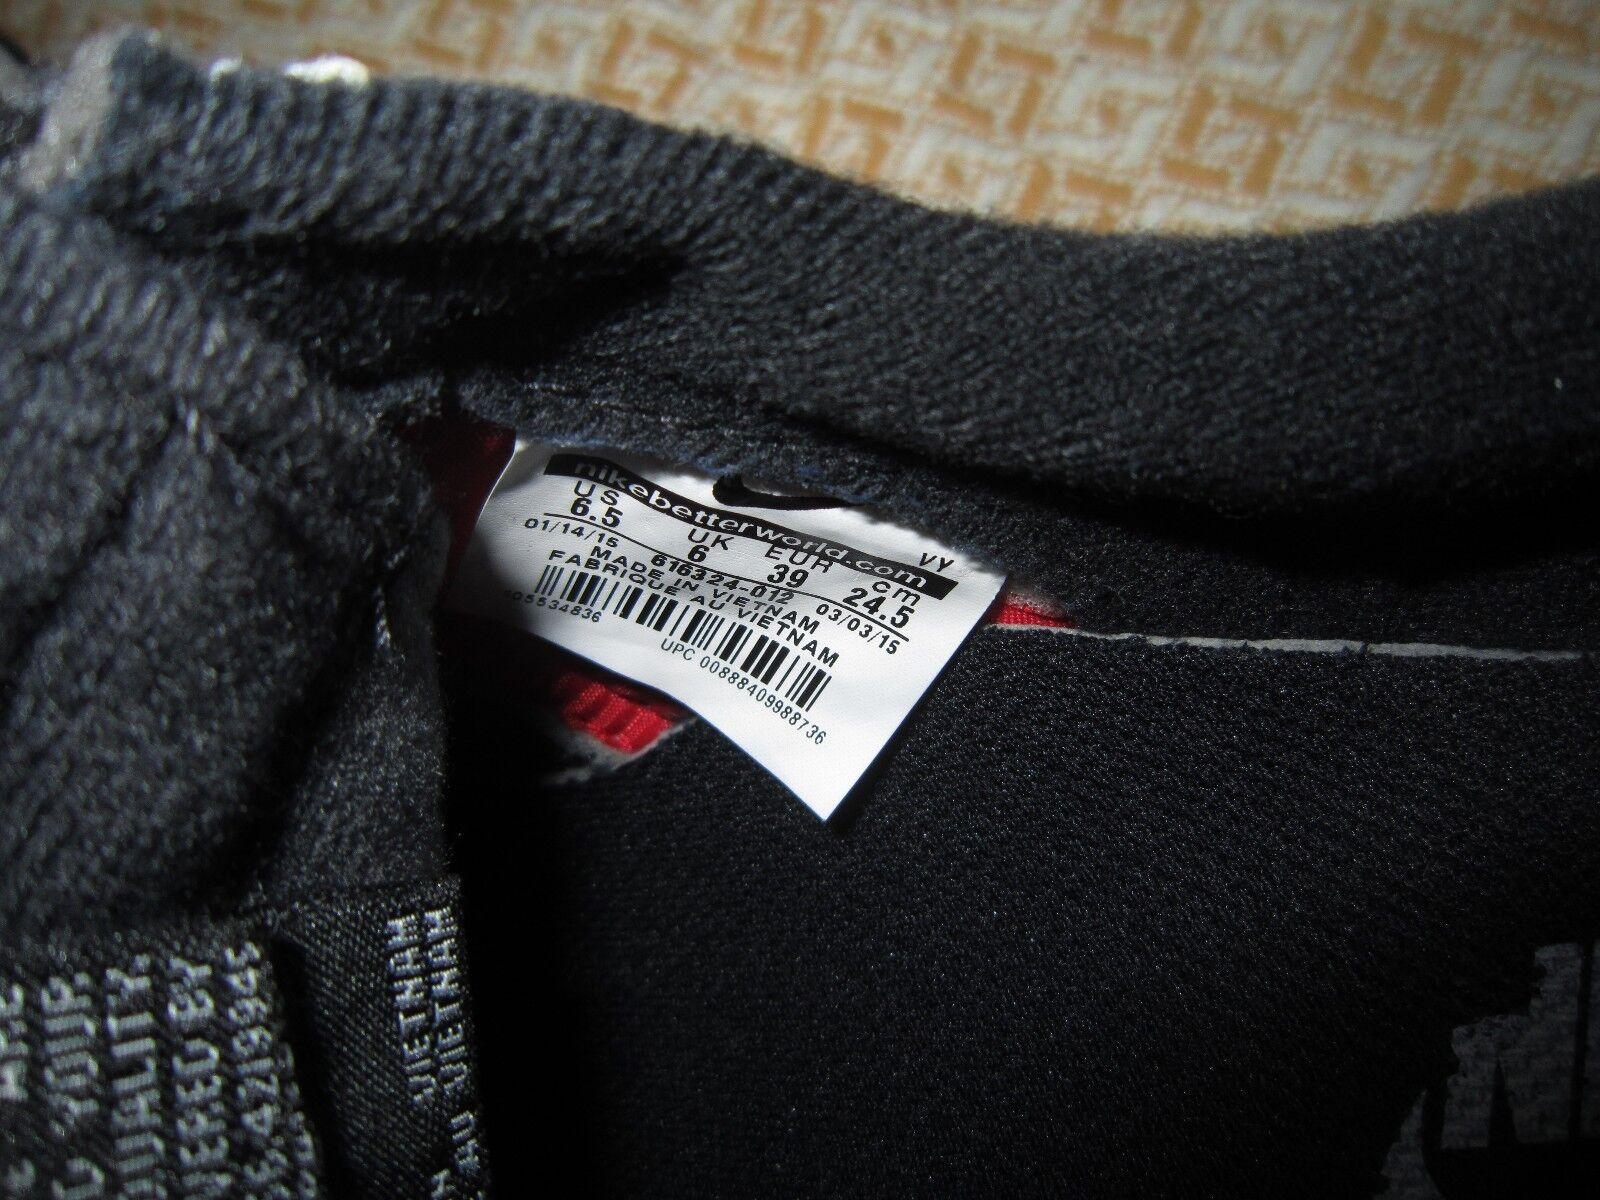 Nike air pelle nero di pelle air di camoscio reale molto comodo donne formatori bnwt 151e67